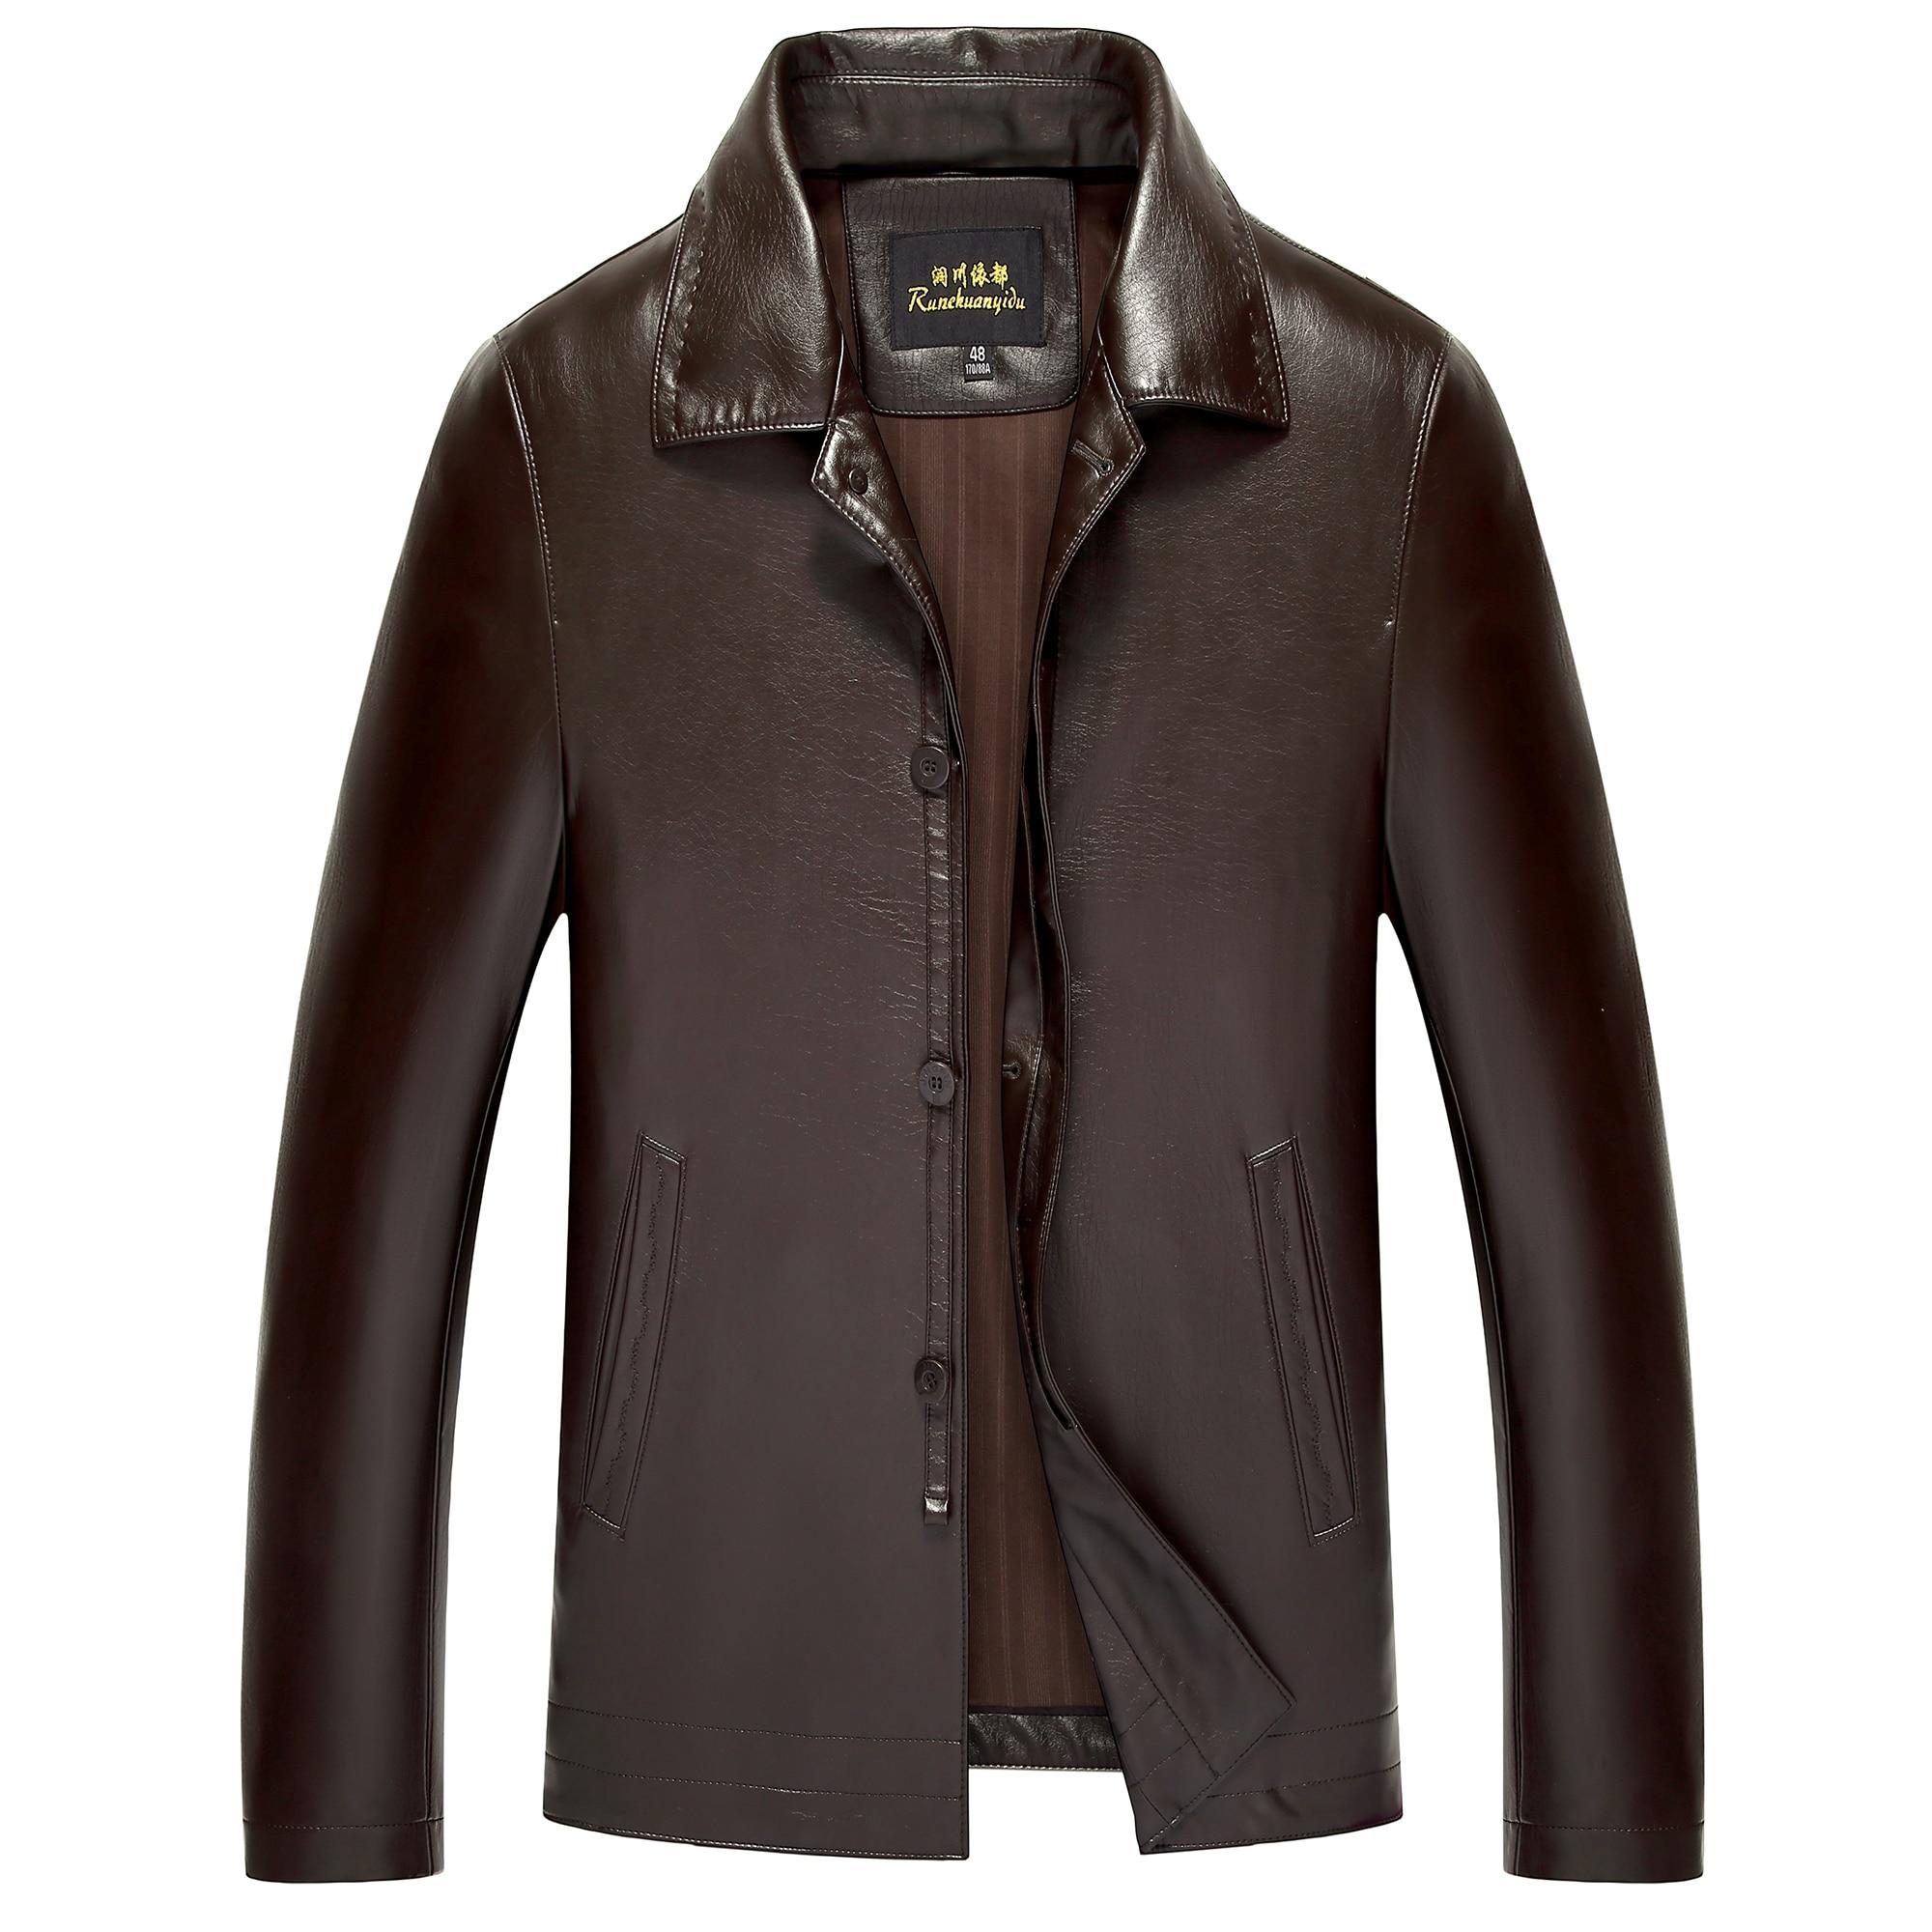 8853 New Fashion Men Clothing Spring &Autumn Genuine Leather Jacket Coat Sheepskin Men Leather Coat